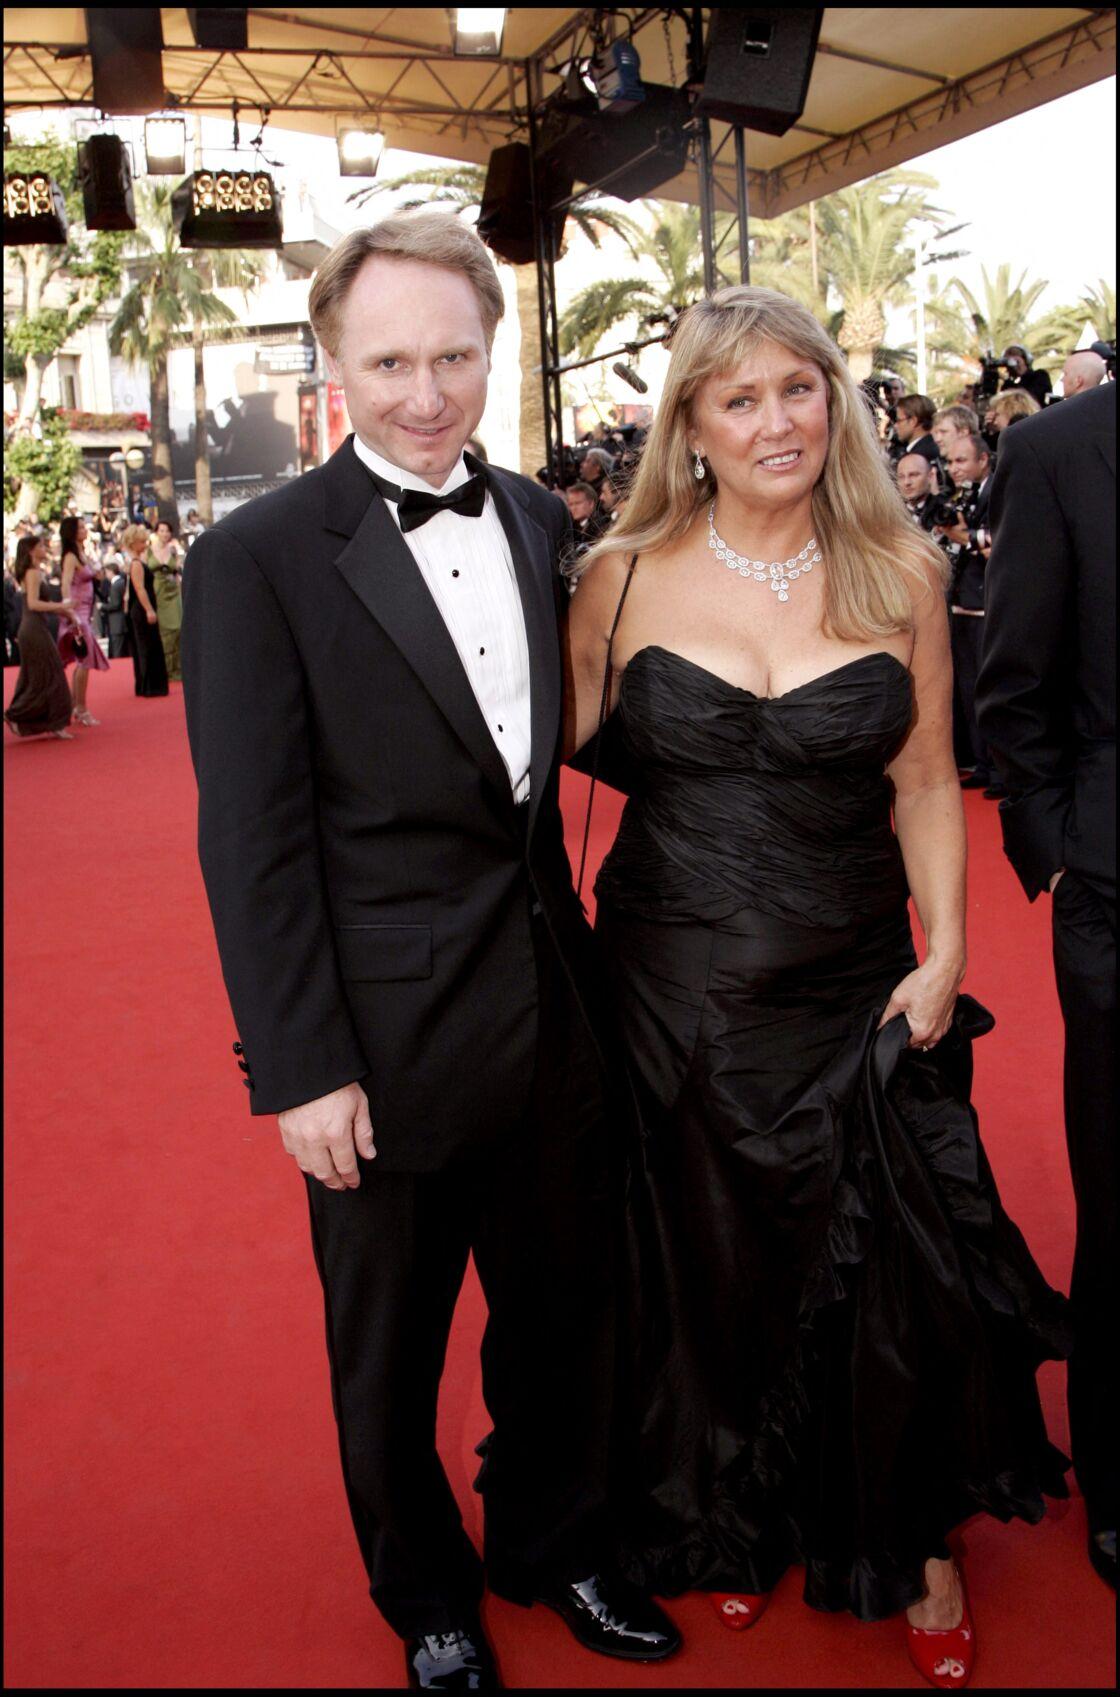 Dan Brown et sa femme en 2006. Le couple battait déjà de l'aile.